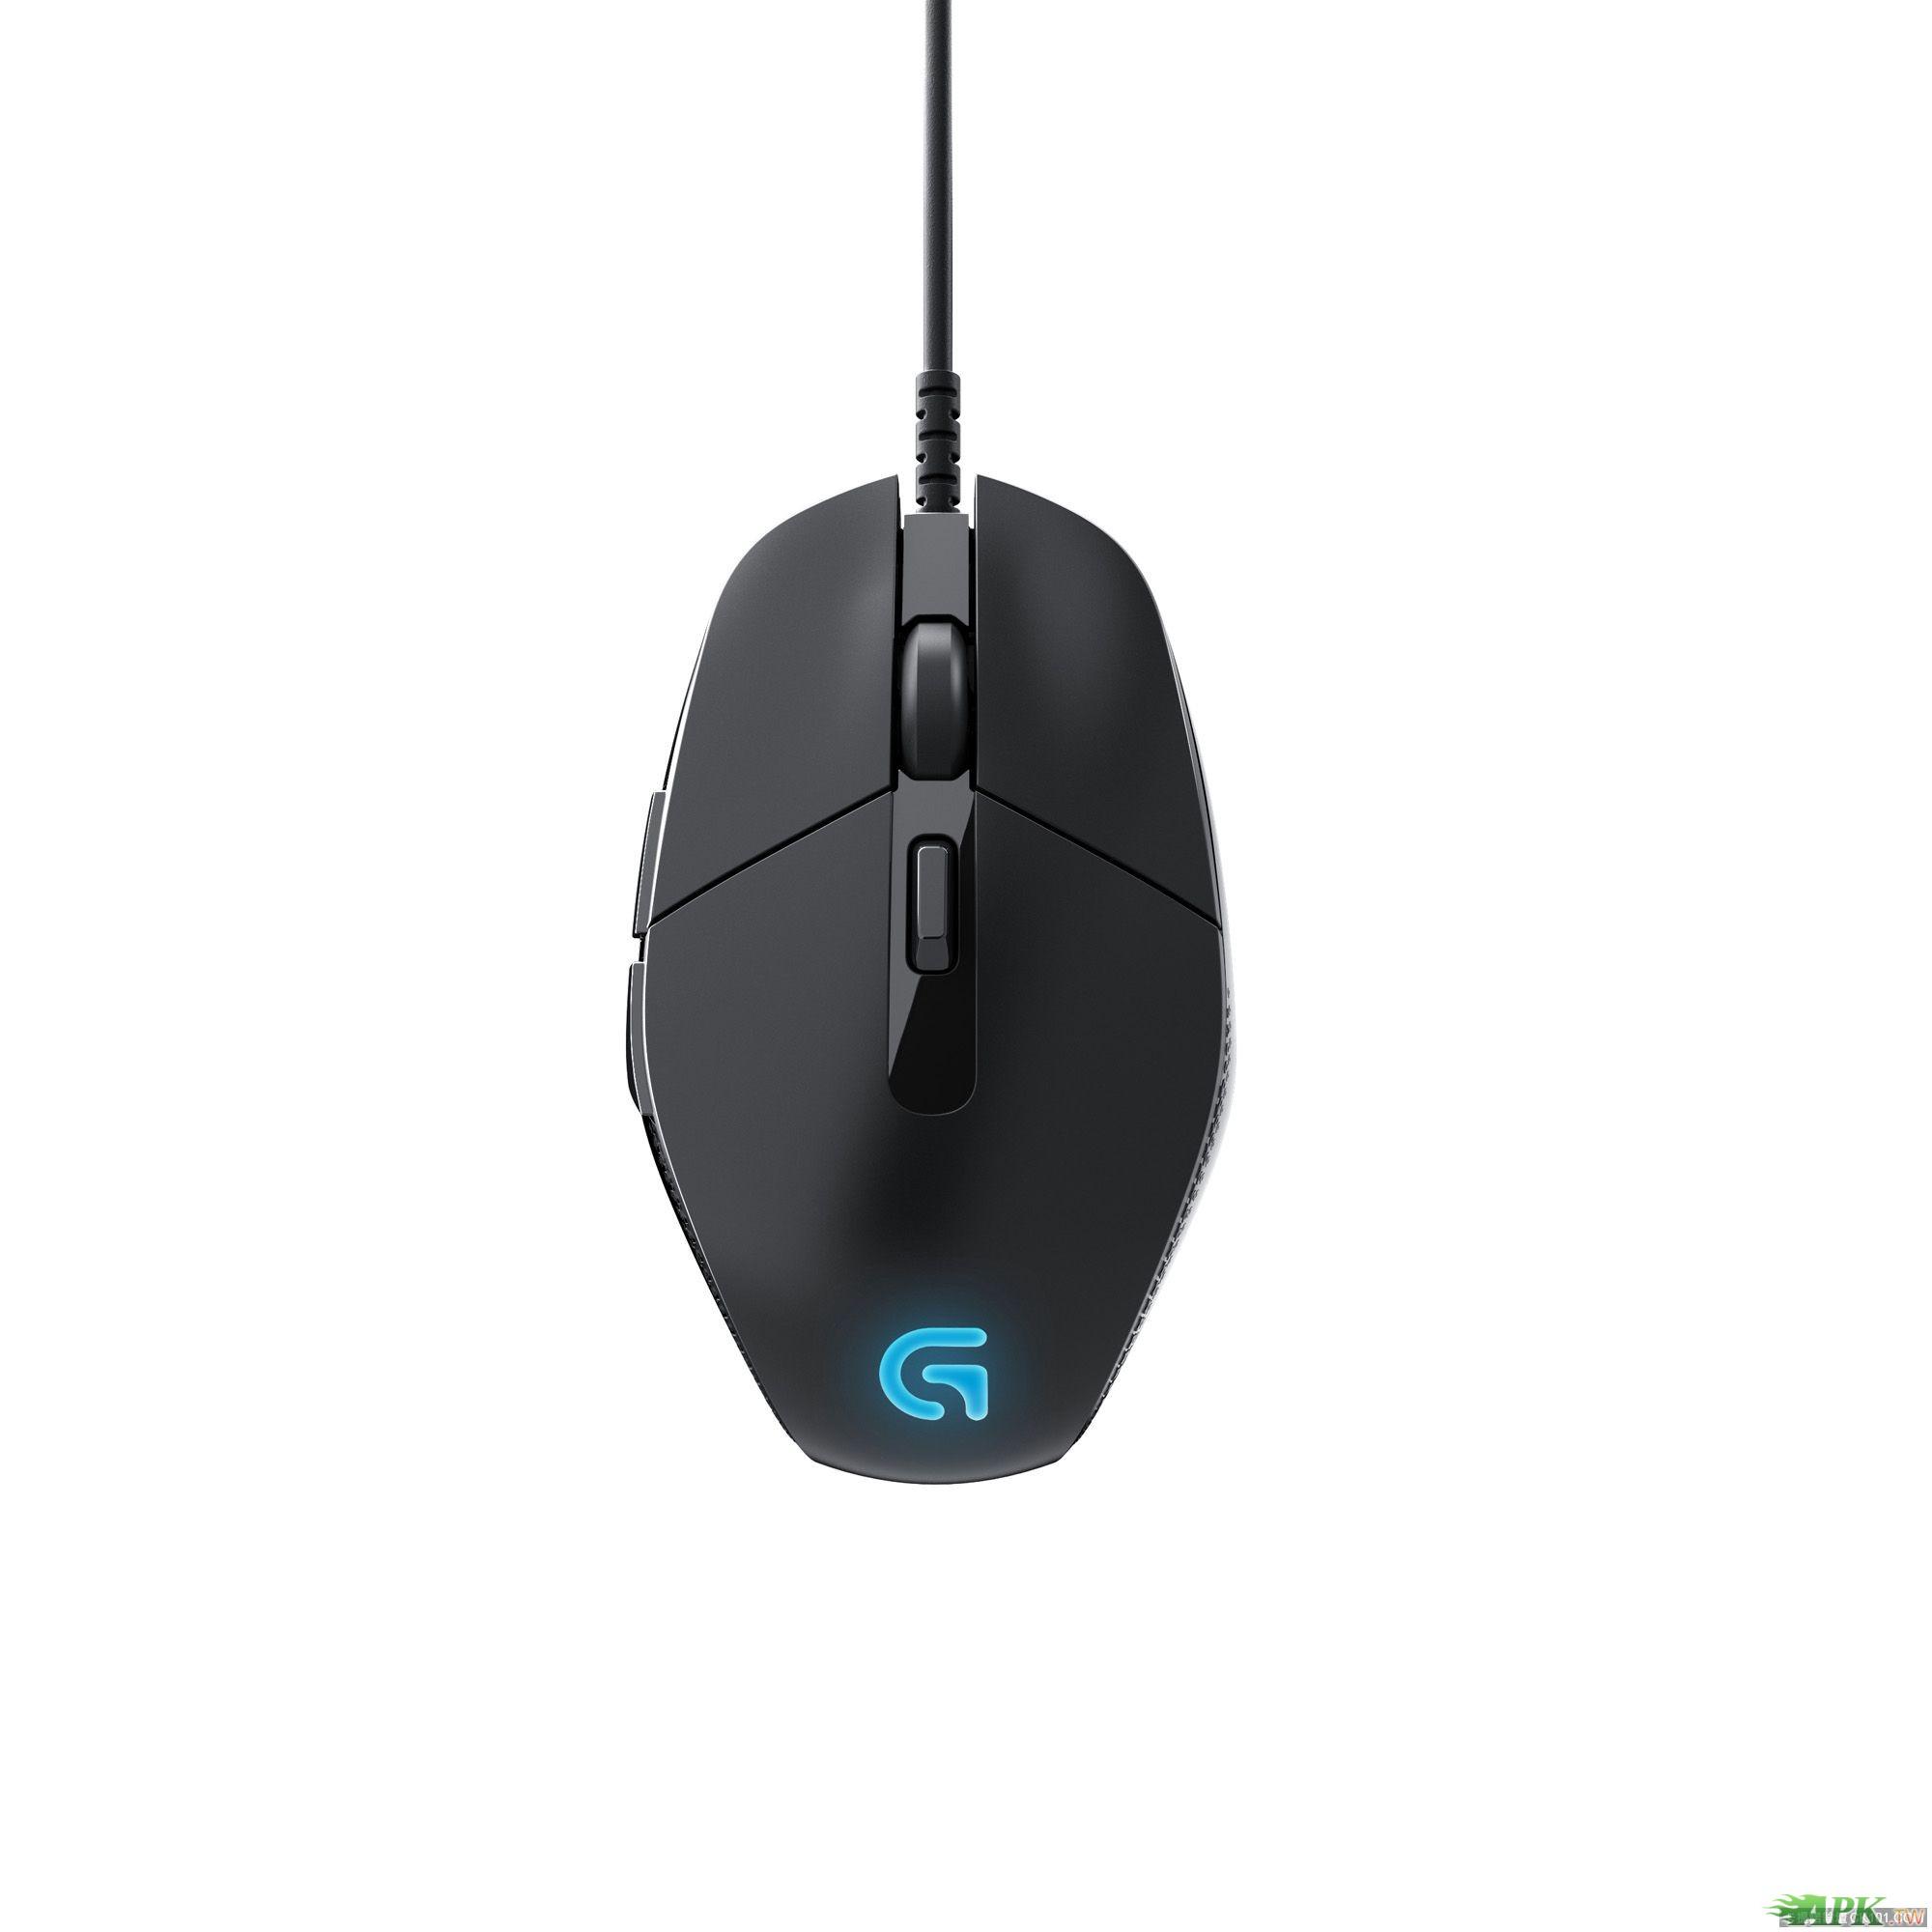 羅技 G302 Daedalus Prime MOBA 電競遊戲滑鼠_產品圖(1).jpg